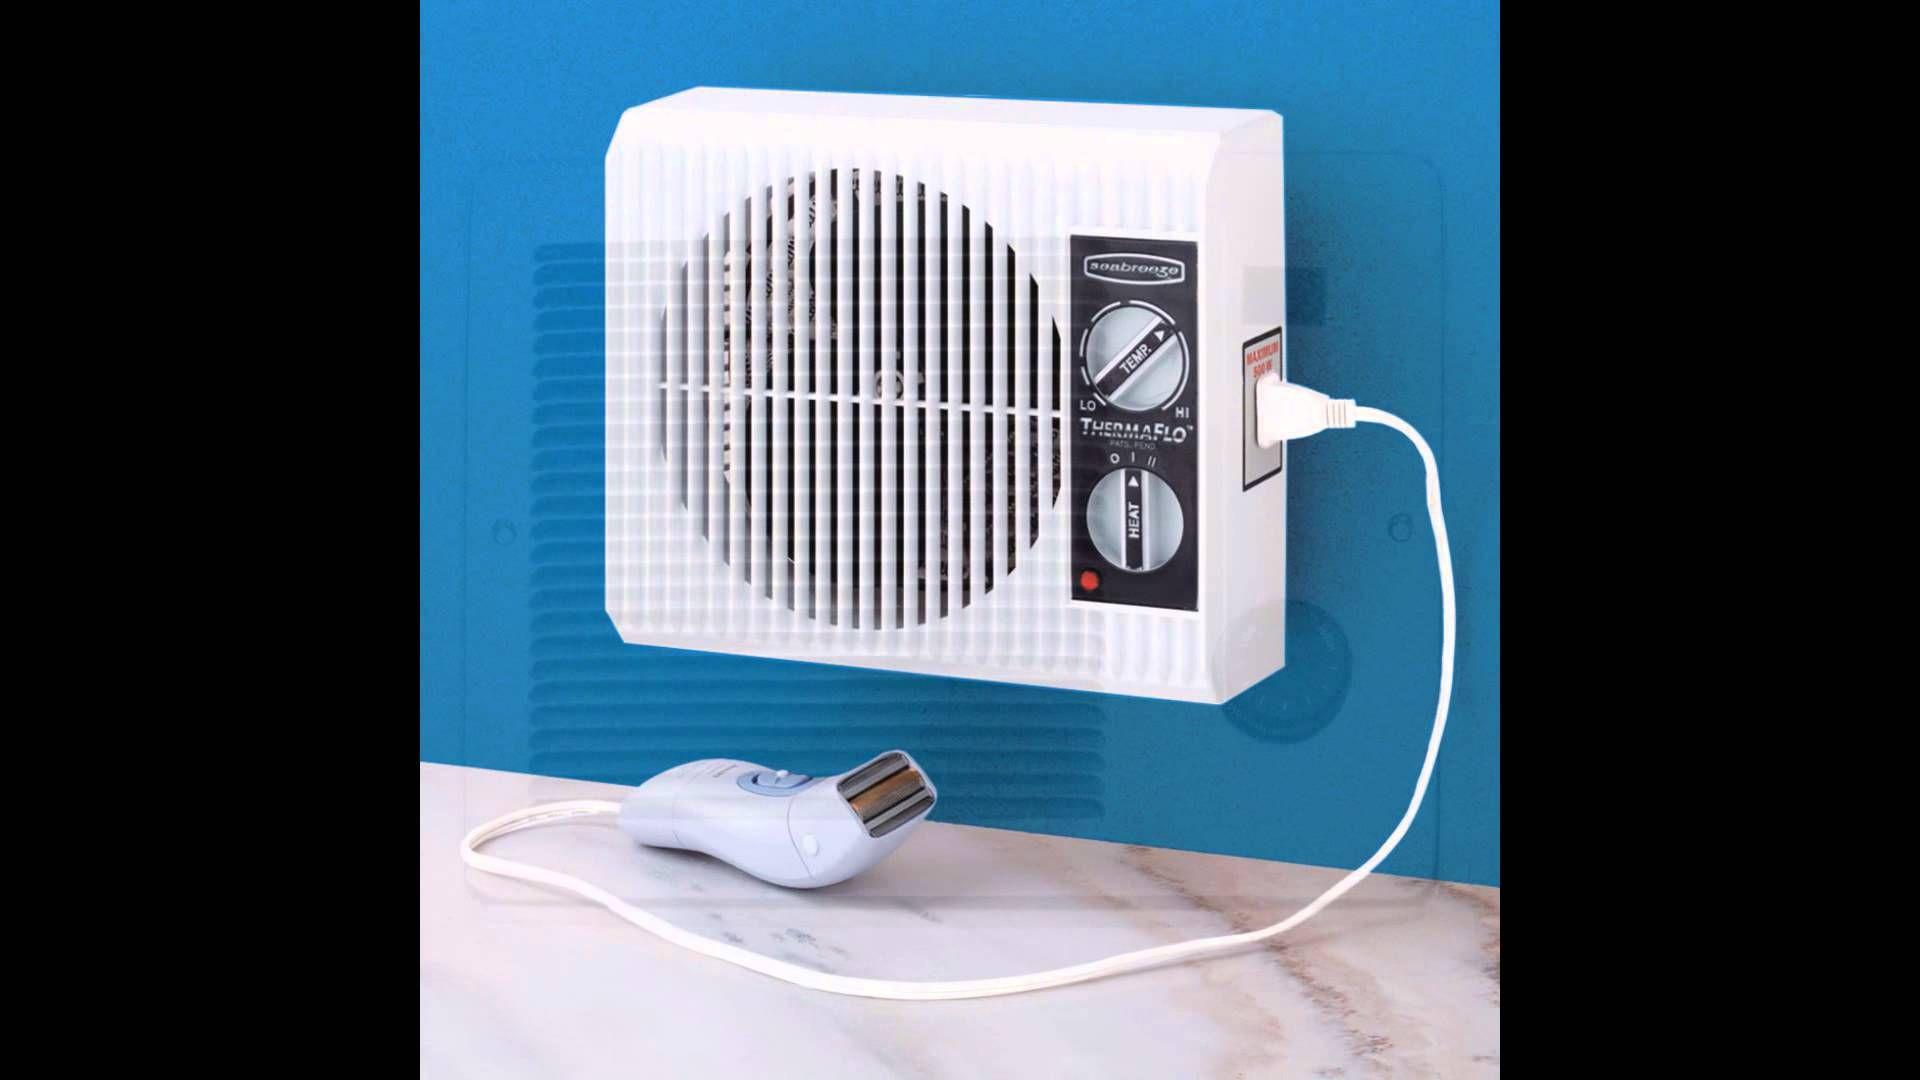 Bathroom Braun Bathroom Fan Broan Ventilation Fan With Light And Heater Broan Bathroom Heater Https Ift Tt 2uh3yc8 Bathroom Fan Light Fan Light Bathroom Fan